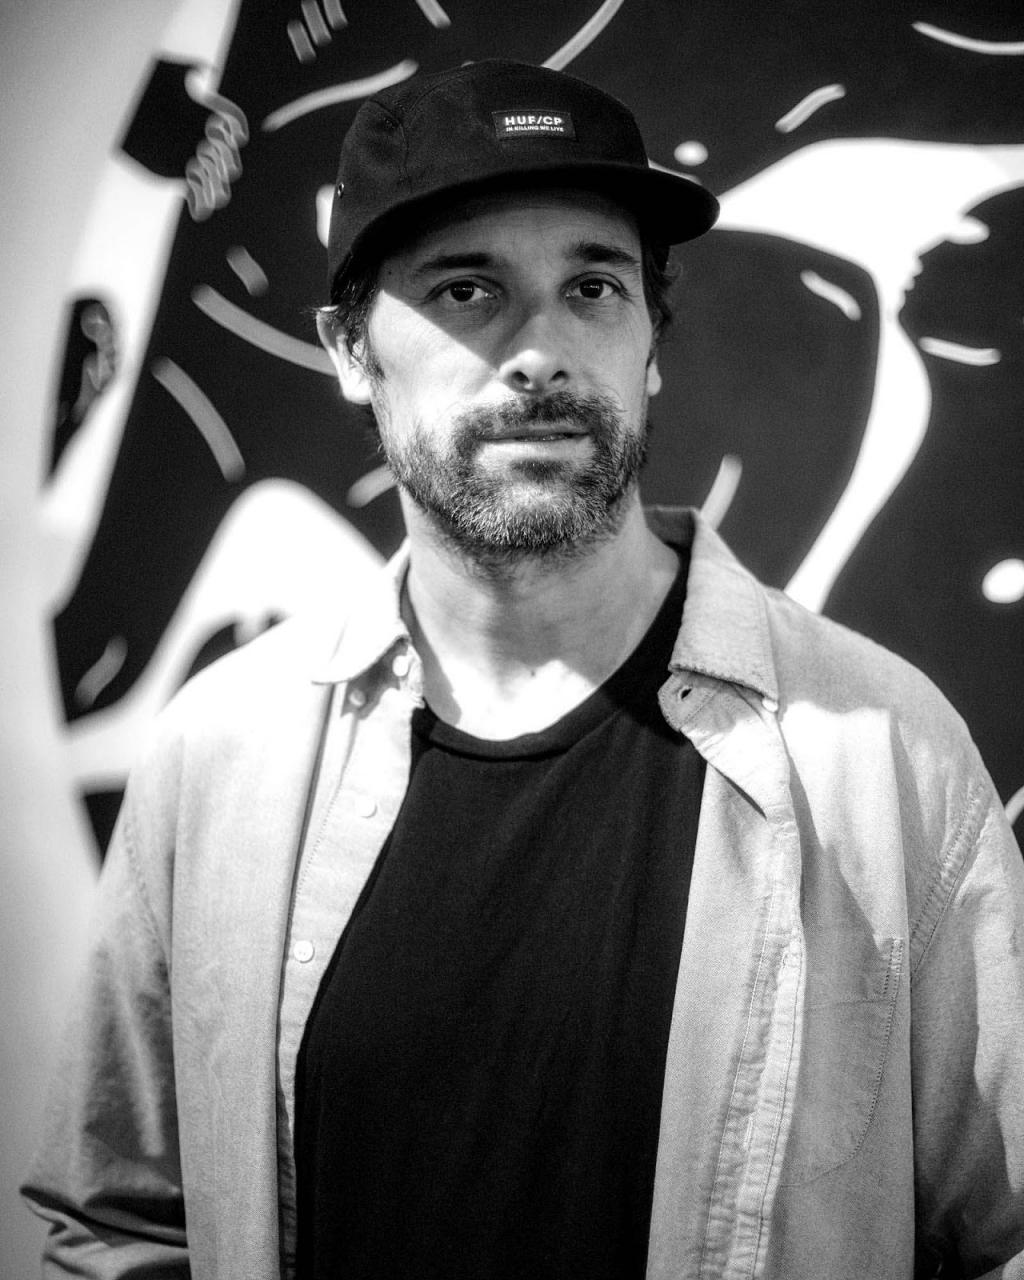 huf cleon peterson parceria 02 - HUF colabora com artista Cleon Peterson